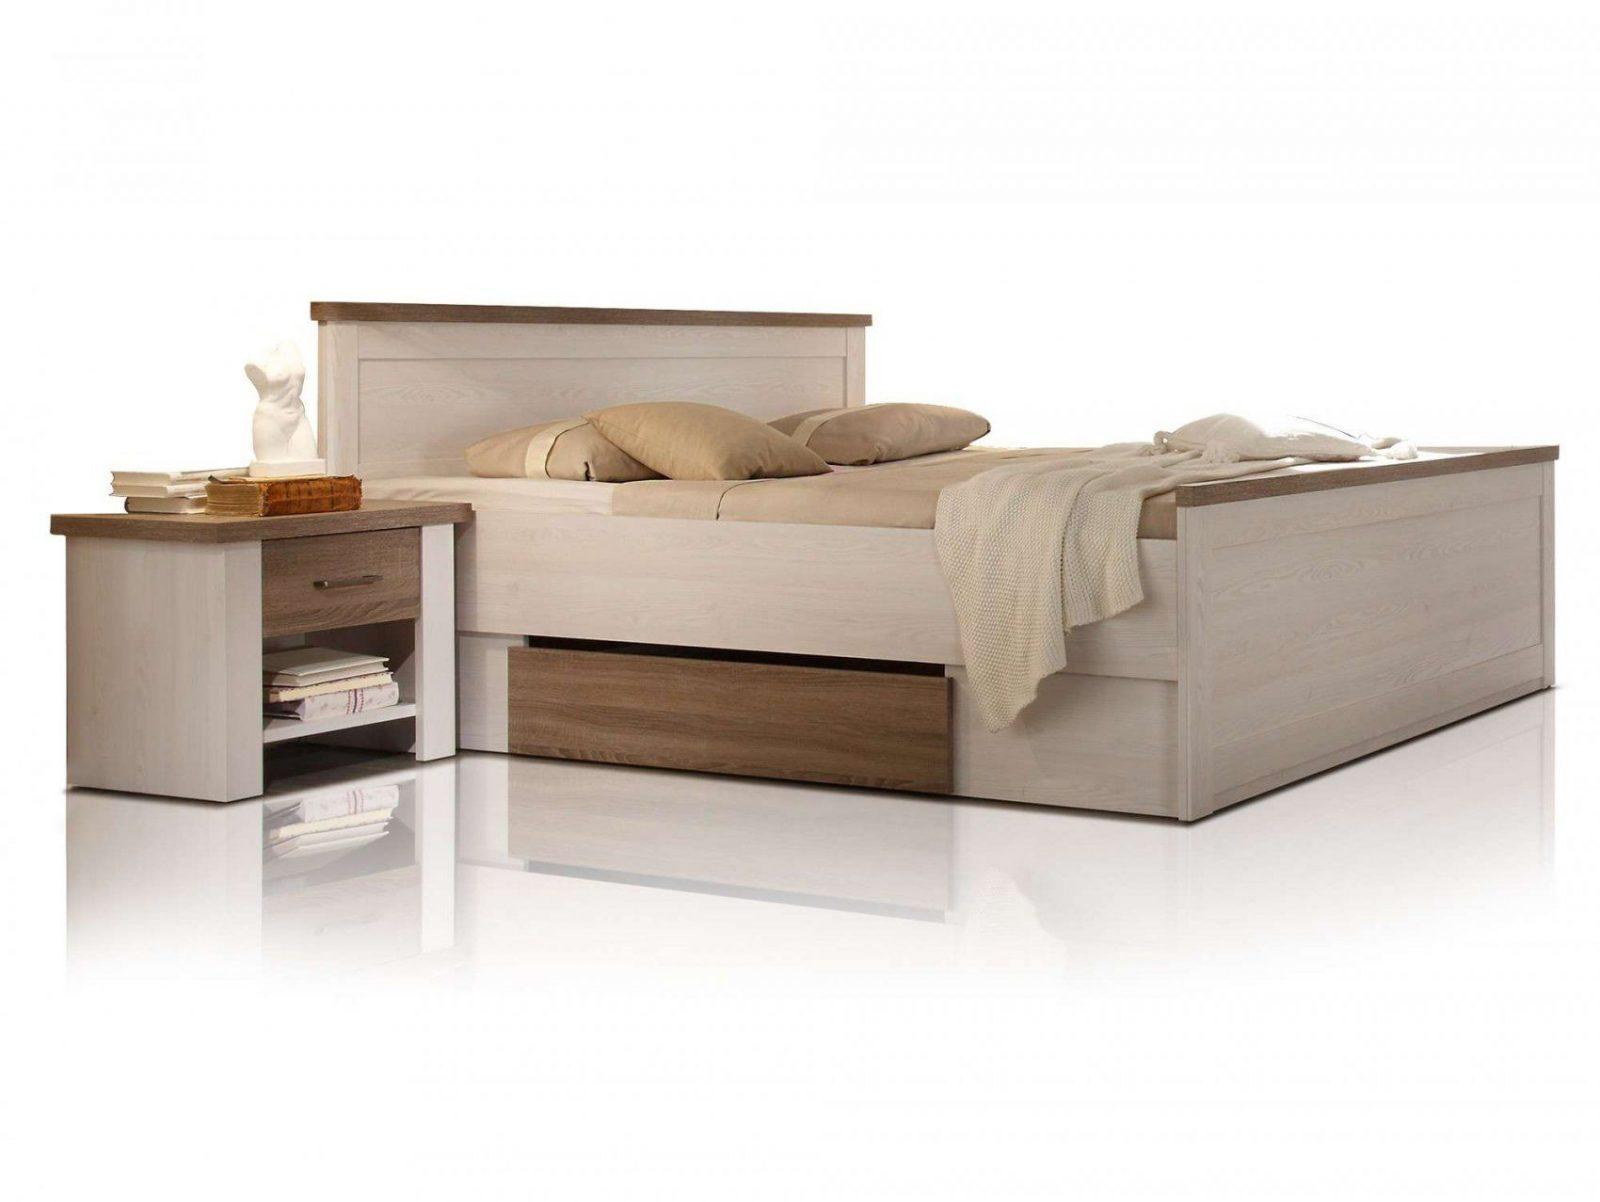 Bett Gnstig Mit Matratze Interesting Cool Luxus Bett X Mit Matratze von Feste Japanische Matratze Bild